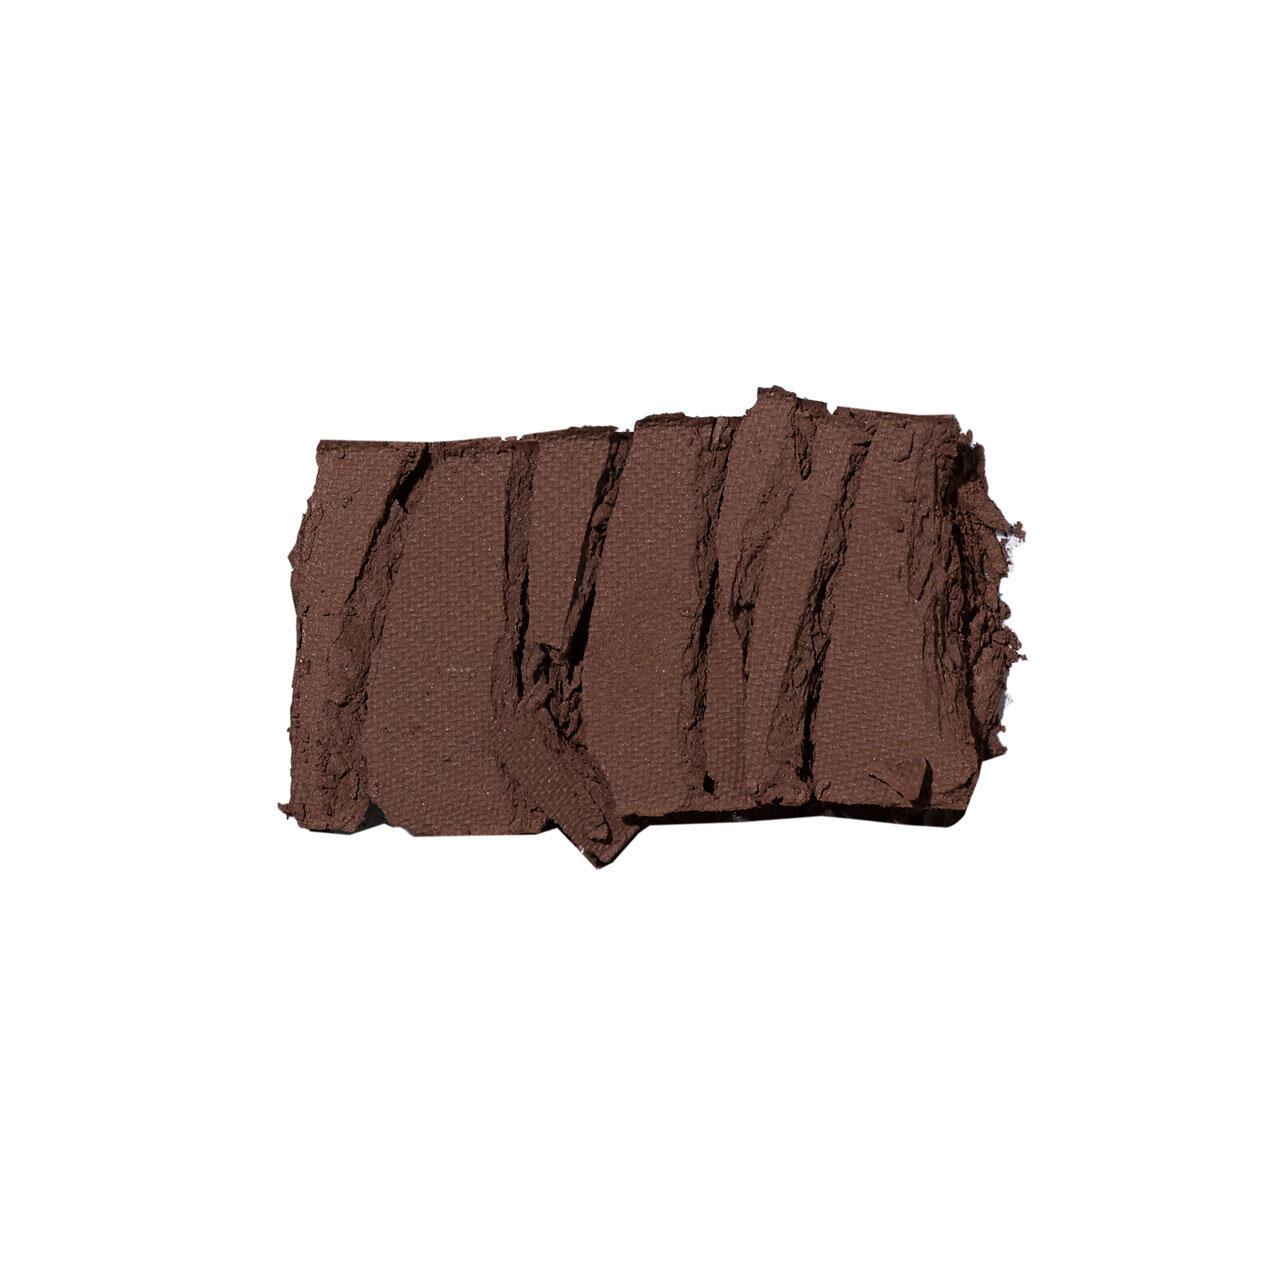 ETUDE/エチュード「プレイカラーアイズミニ チョコミント」